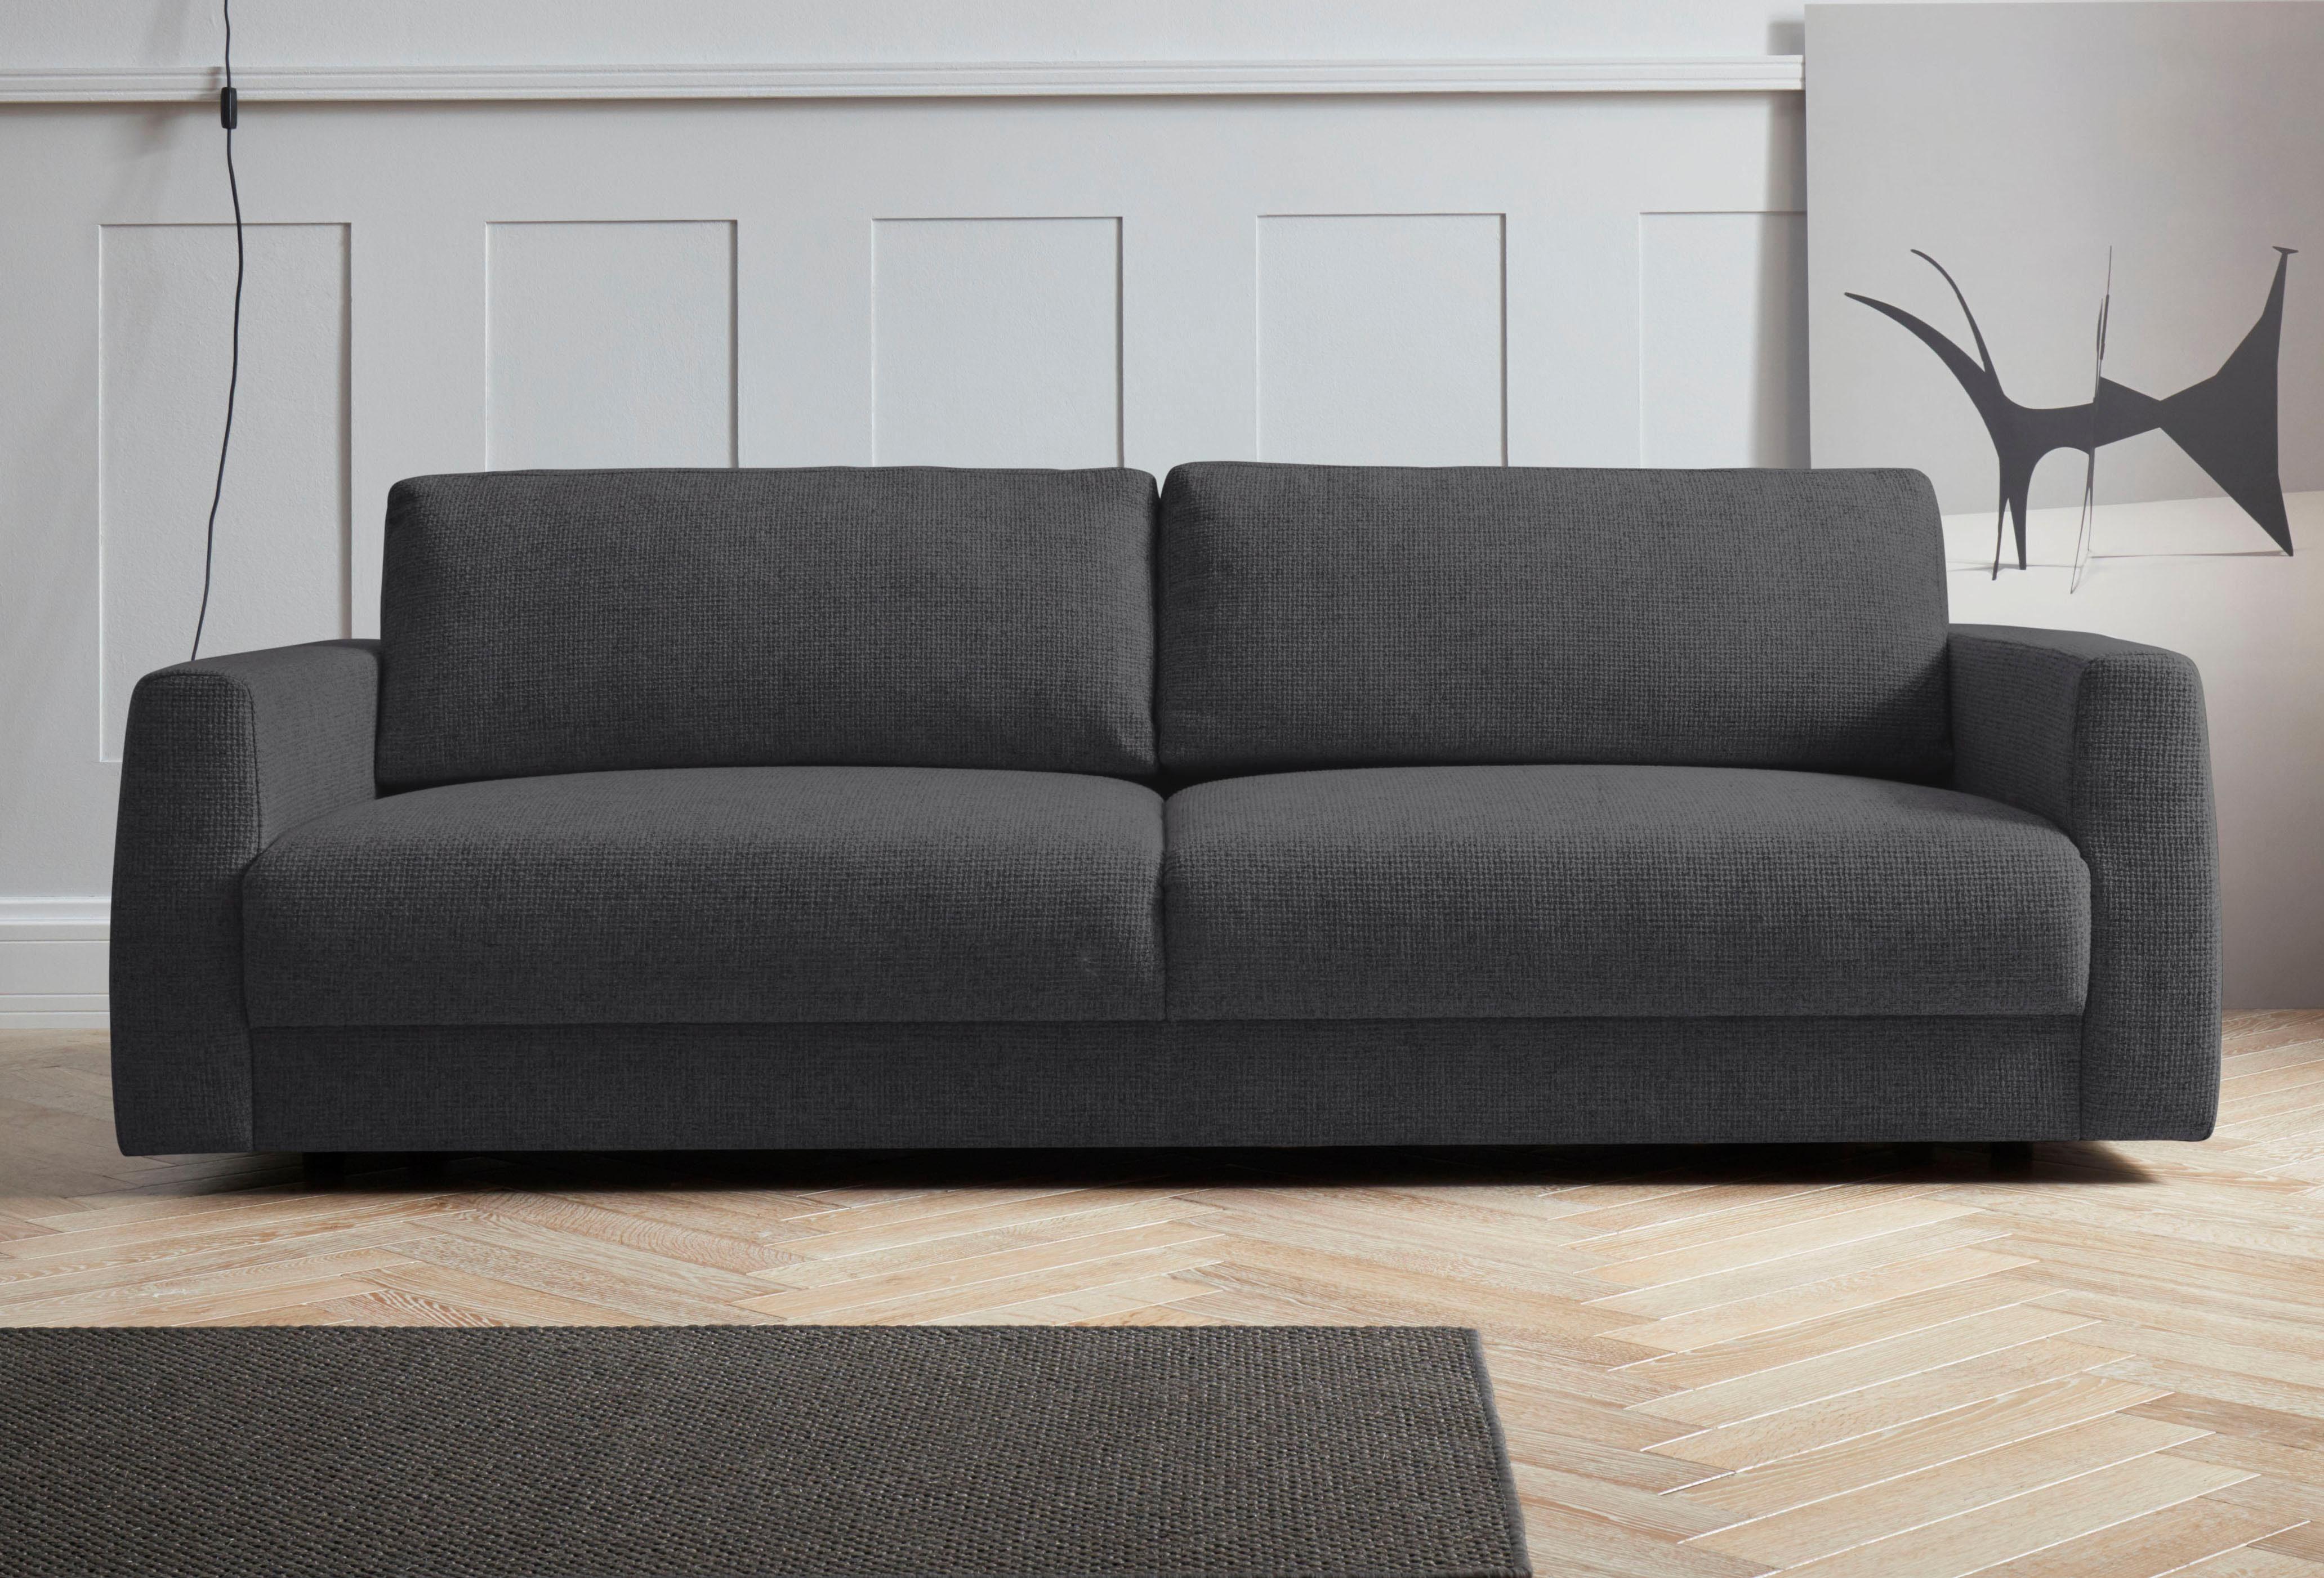 Image of andas 2,5-Sitzer »Hobro«, in 3 Bezugsqualitäten in vielen Farben, Design by Morten Georgsen